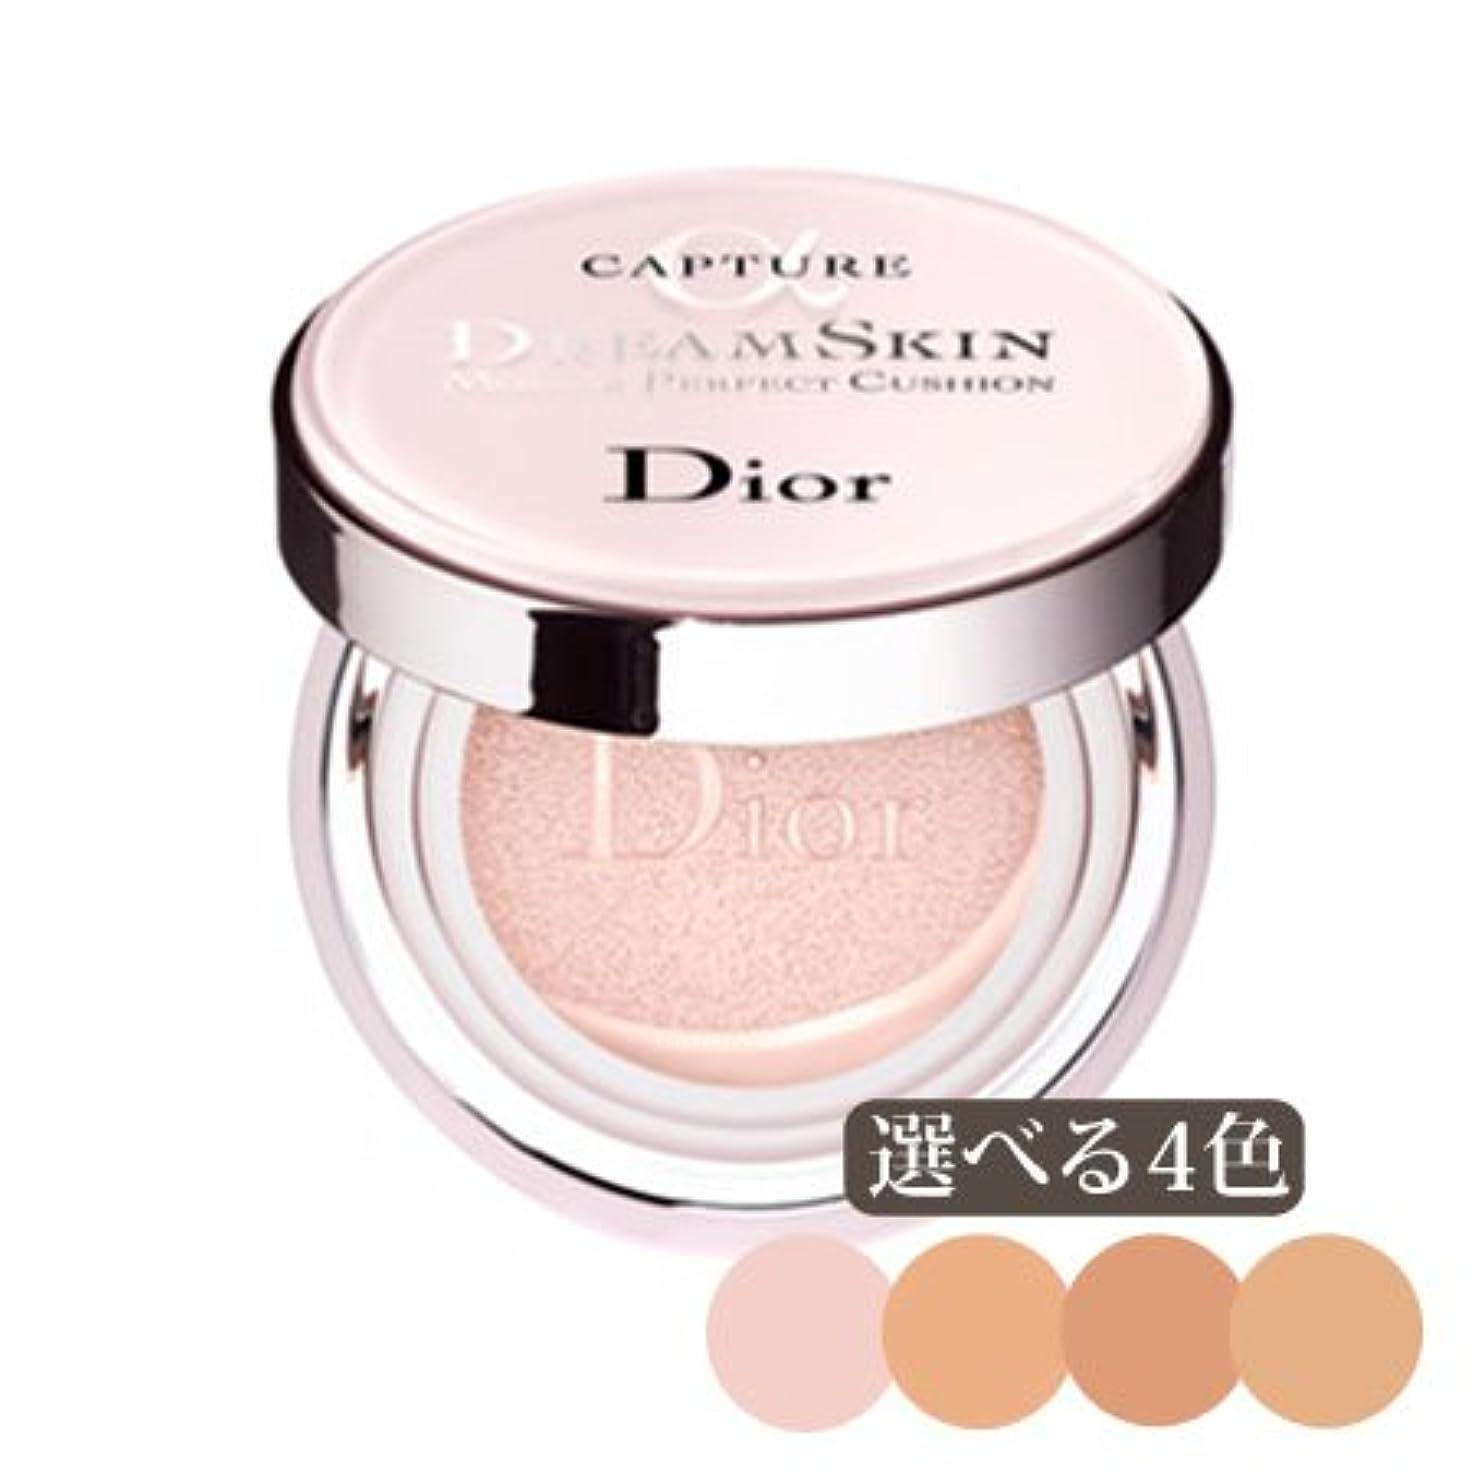 リファイン分決済ディオール カプチュール ドリームスキン モイスト クッション 選べる4色 -Dior- 012